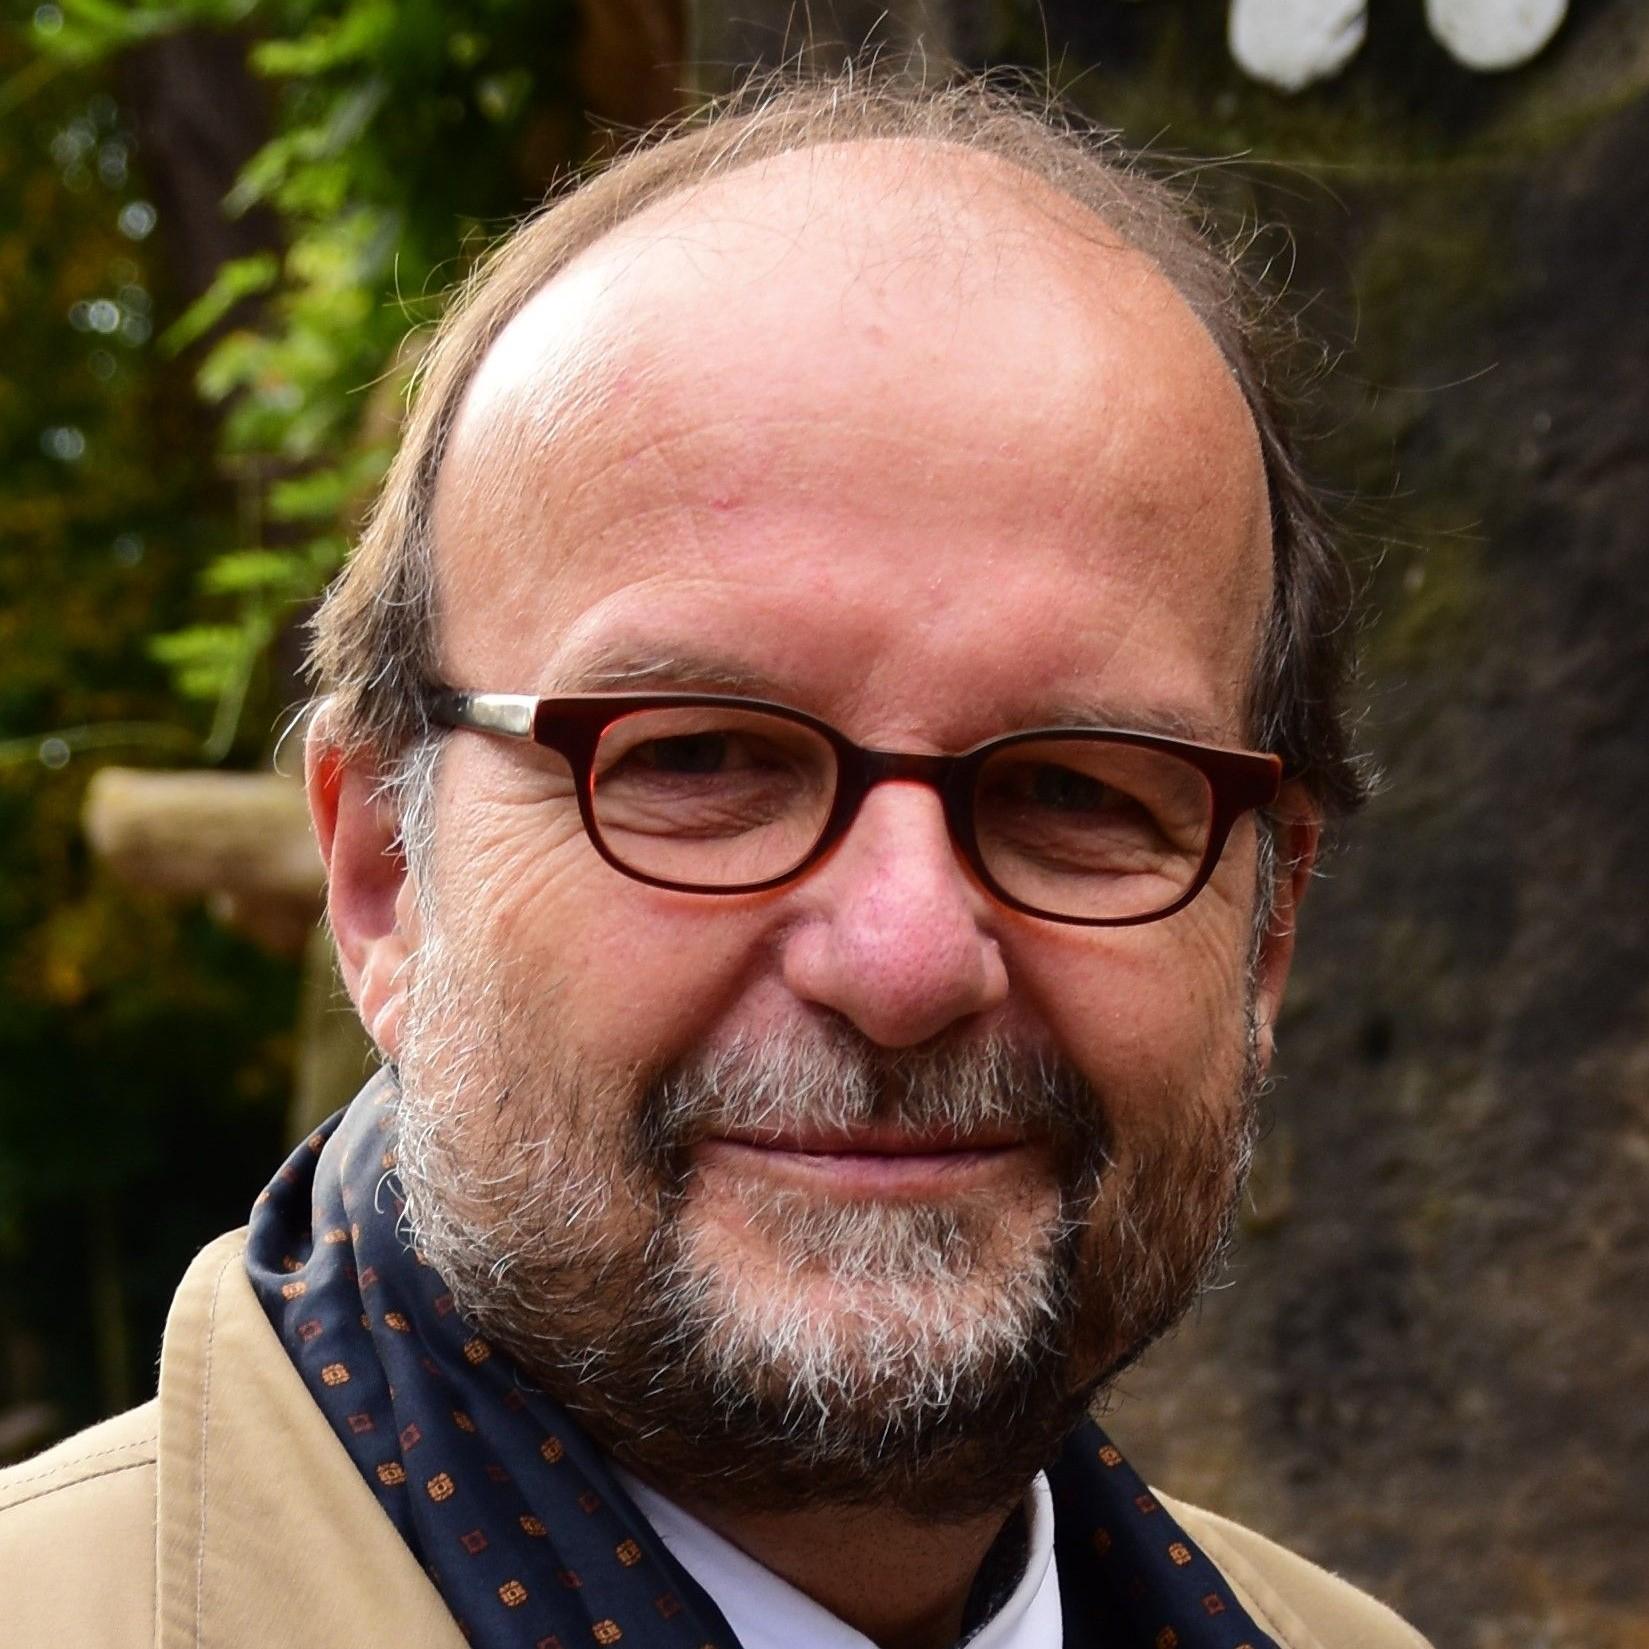 Fritz Baarlink